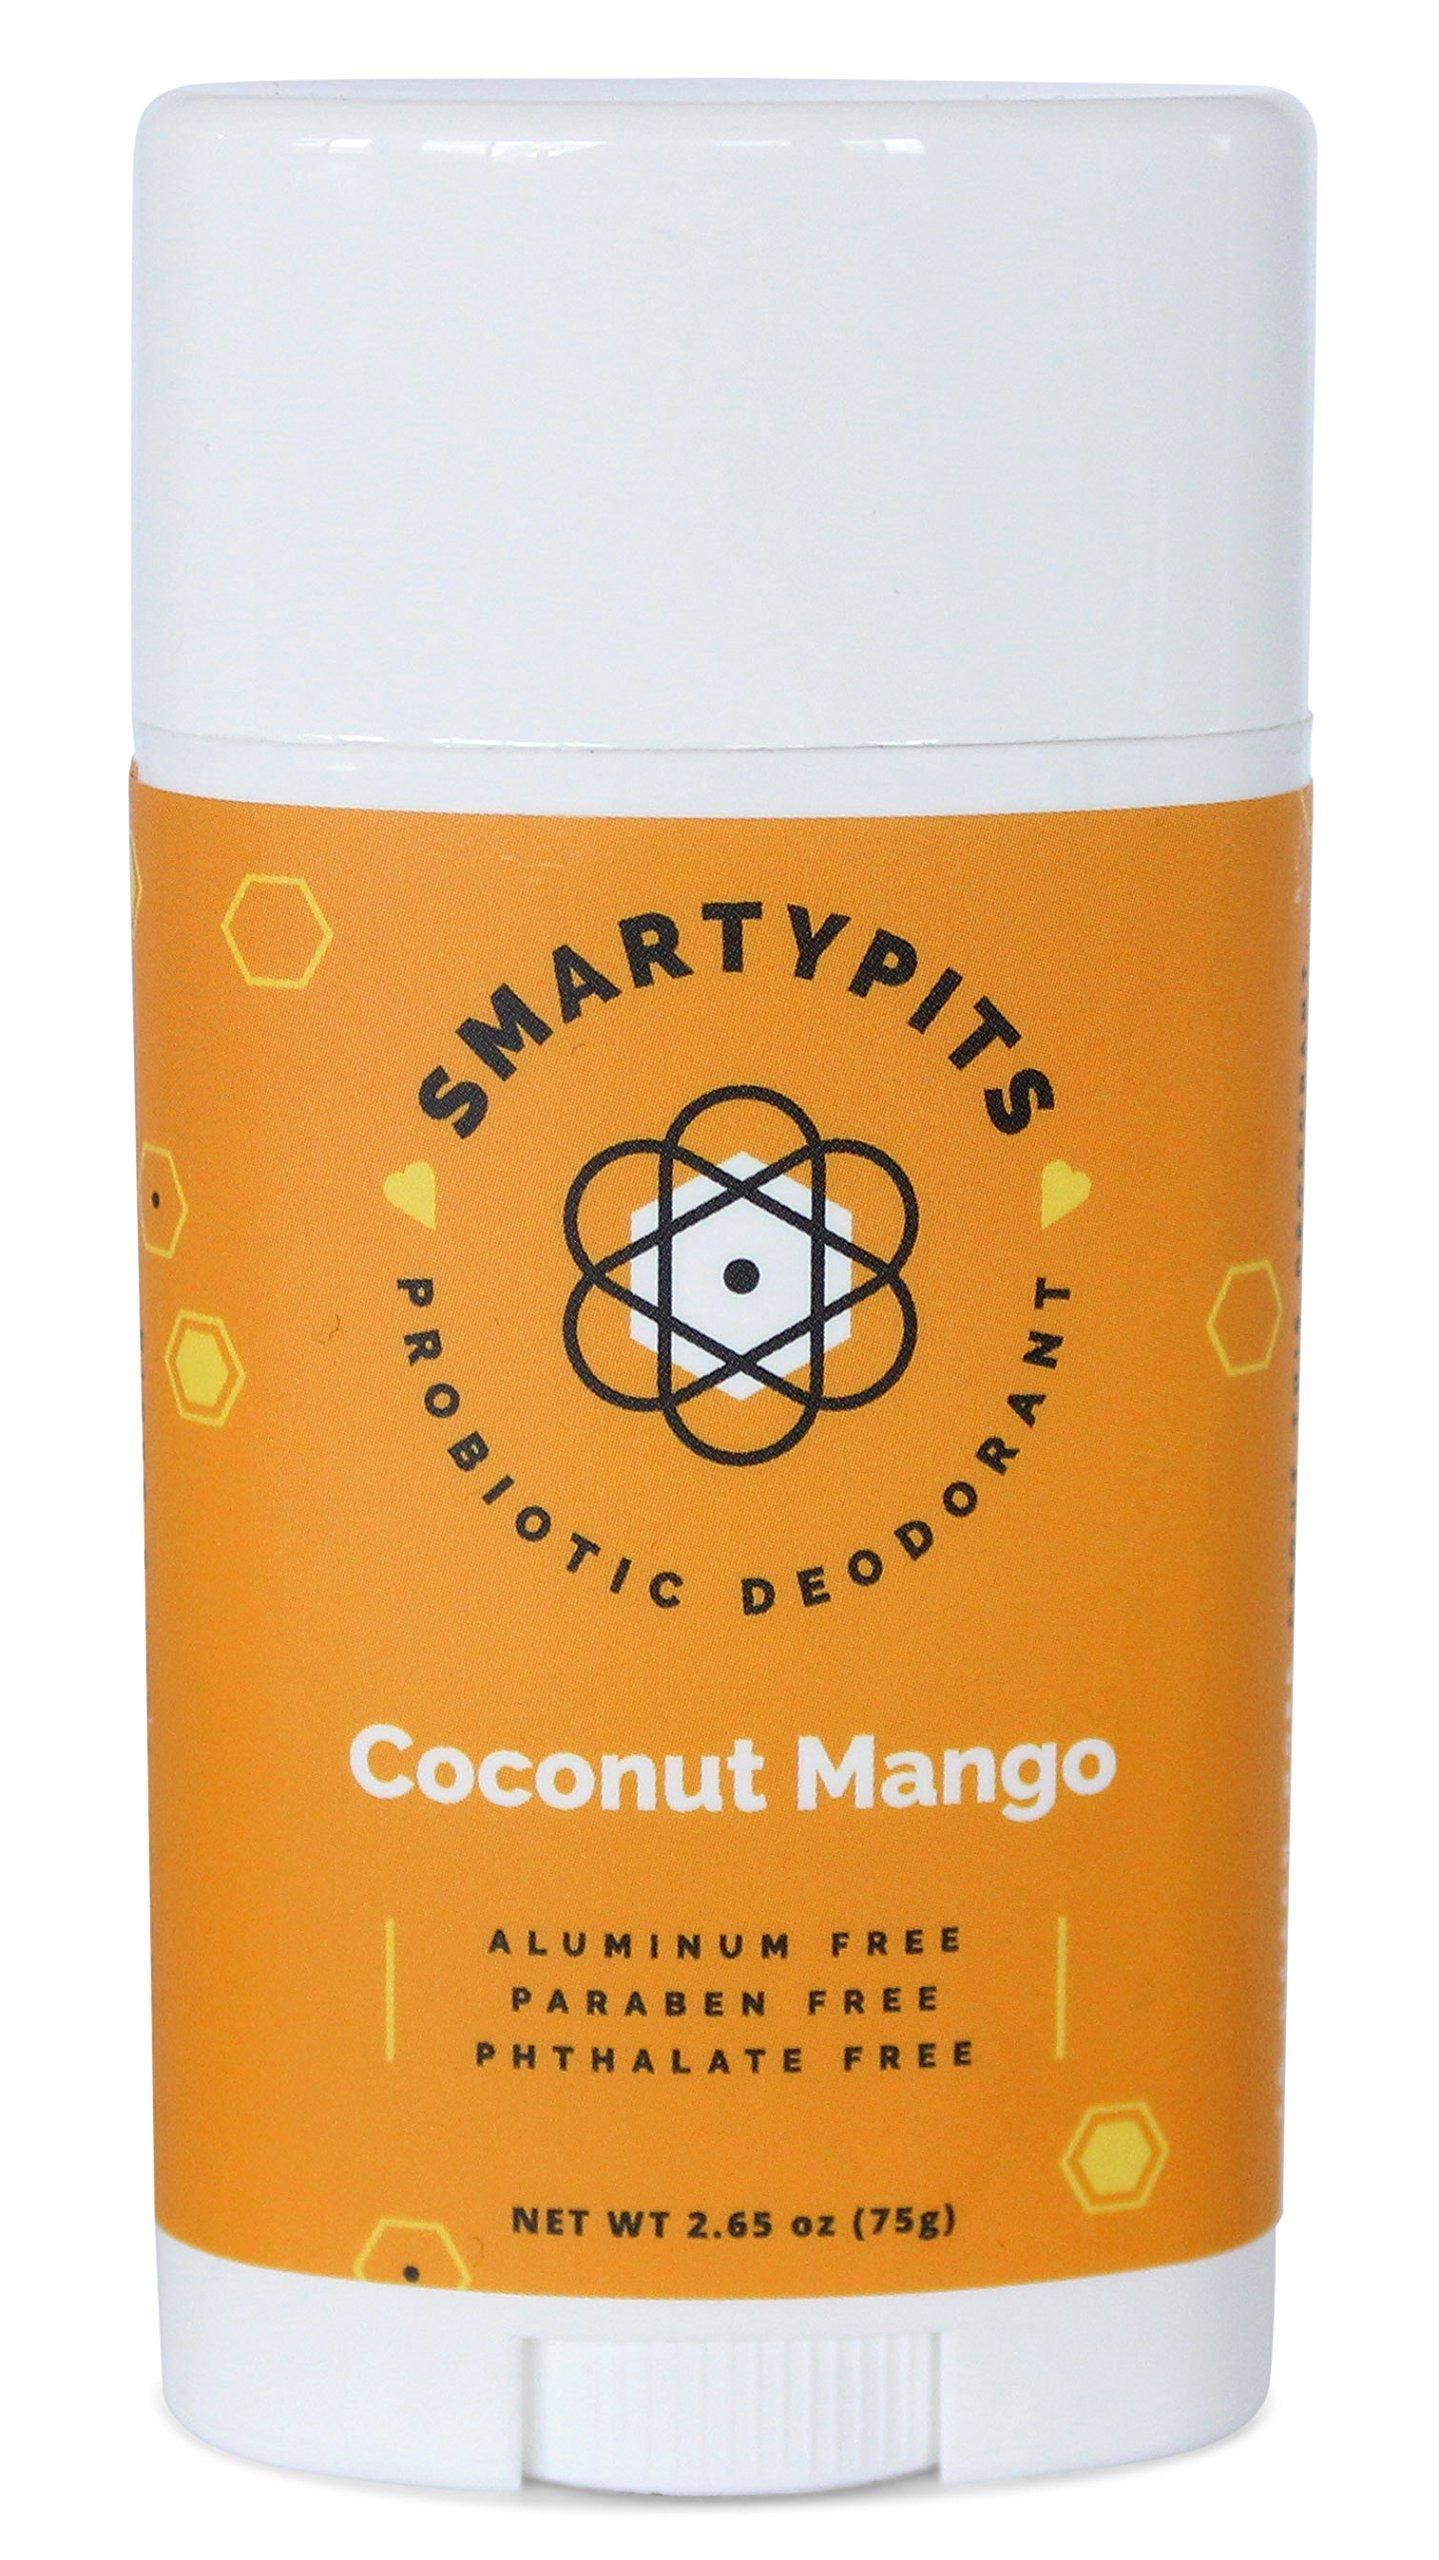 SmartyPits - Natural/Aluminum Free Prebiotic Deodorant (Coconut Mango) (Full-Size)